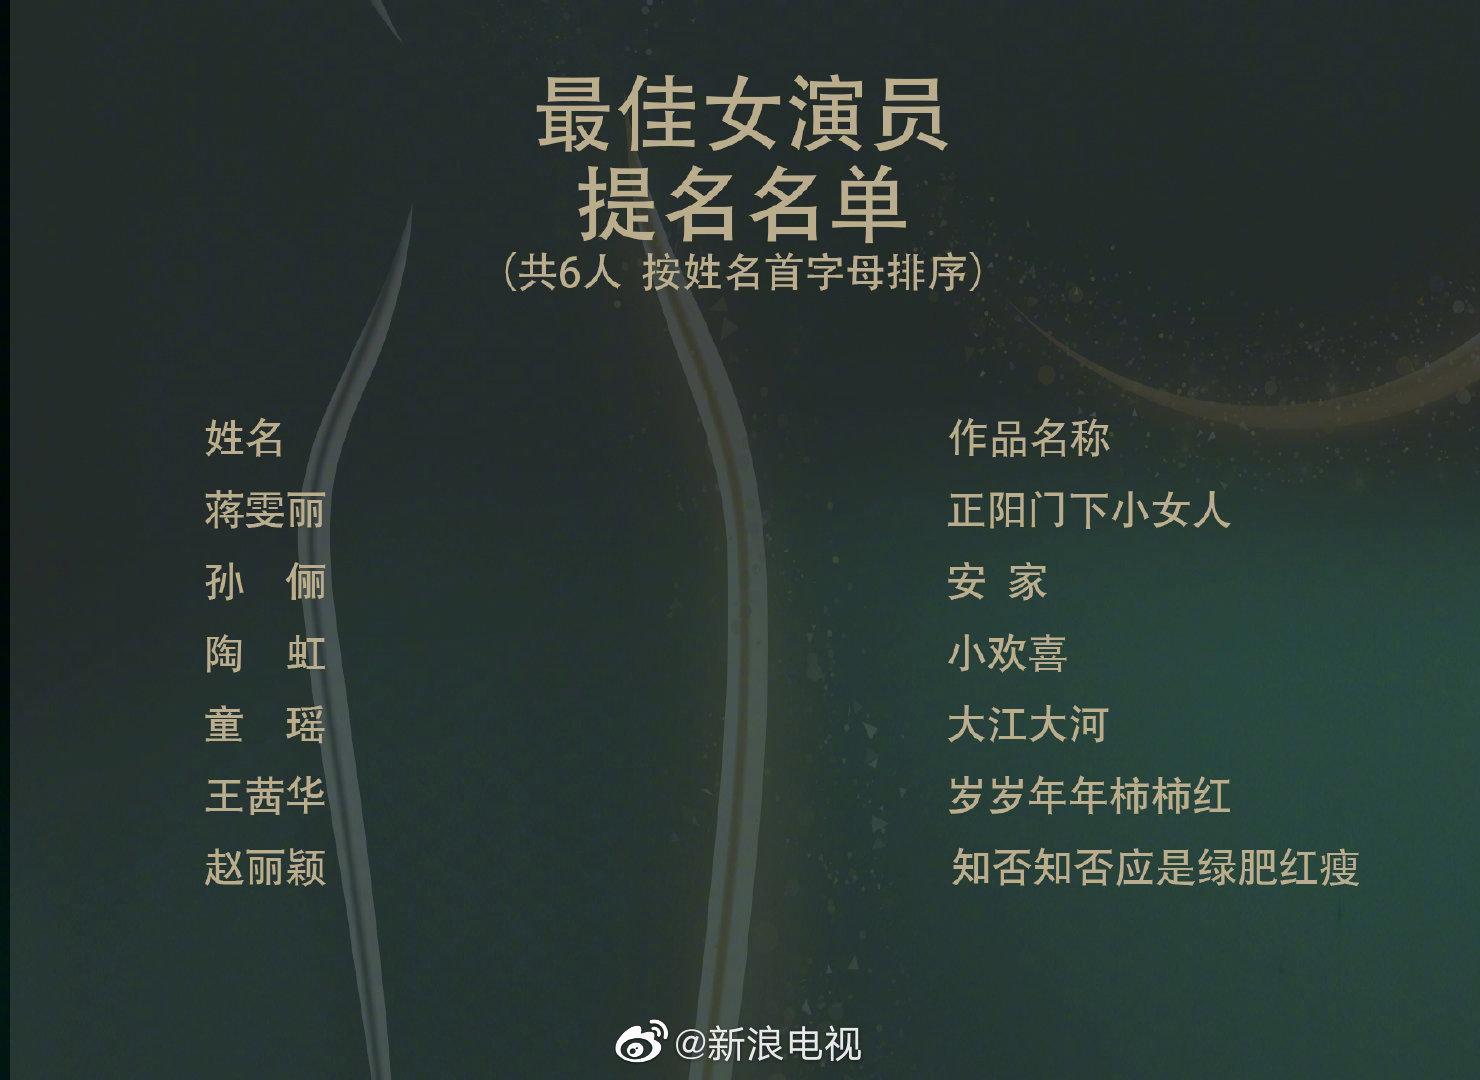 富二代app[新闻]200916 第30届金鹰奖提名名单正式公布 演员赵丽颖拿下个人奖项双提名!